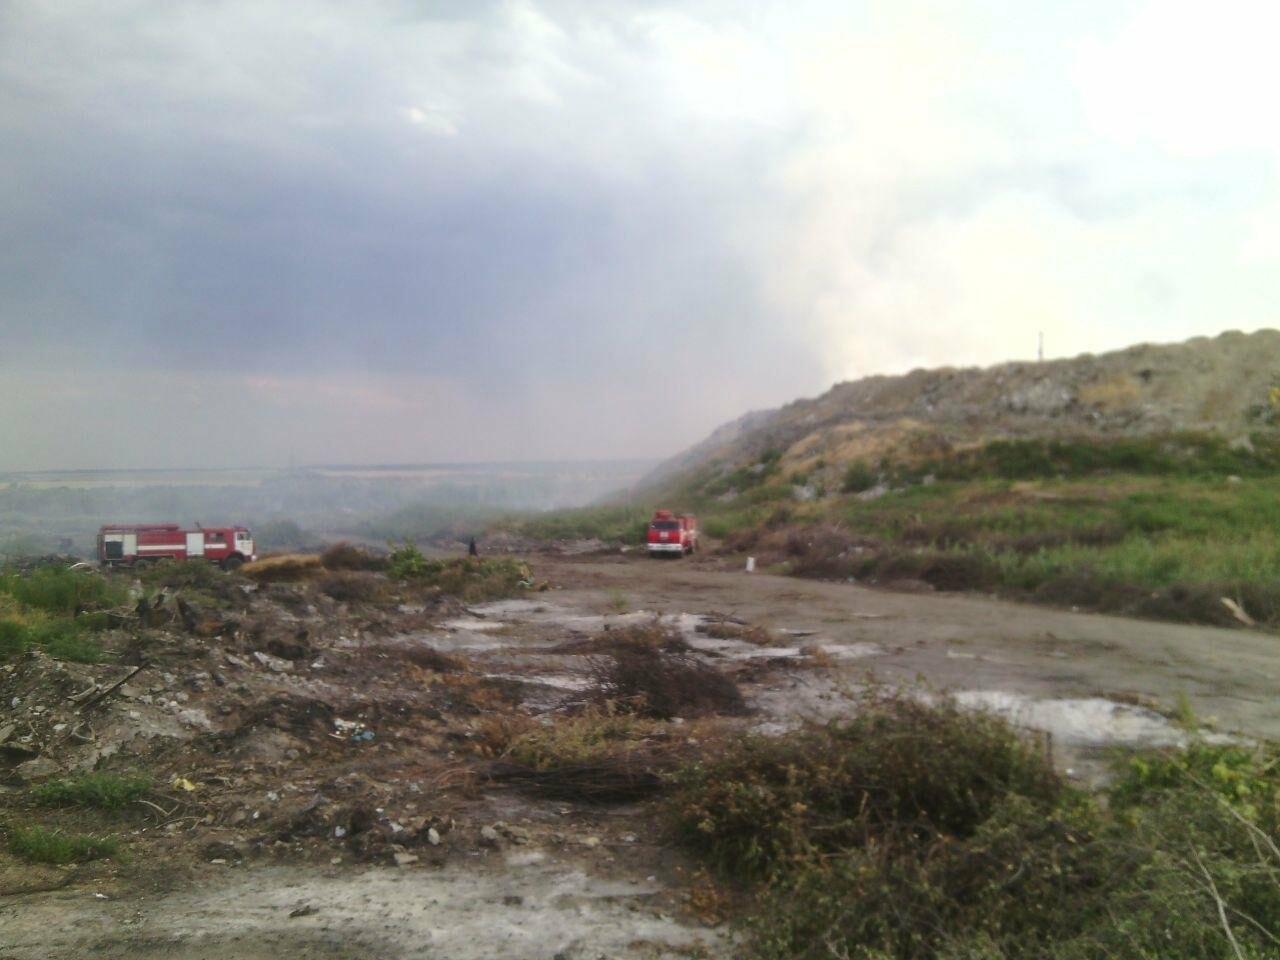 В области за день случилось 23 пожара: в Запорожье тушили не только пожарные, но и ЭЛУАД, - ФОТО, фото-1